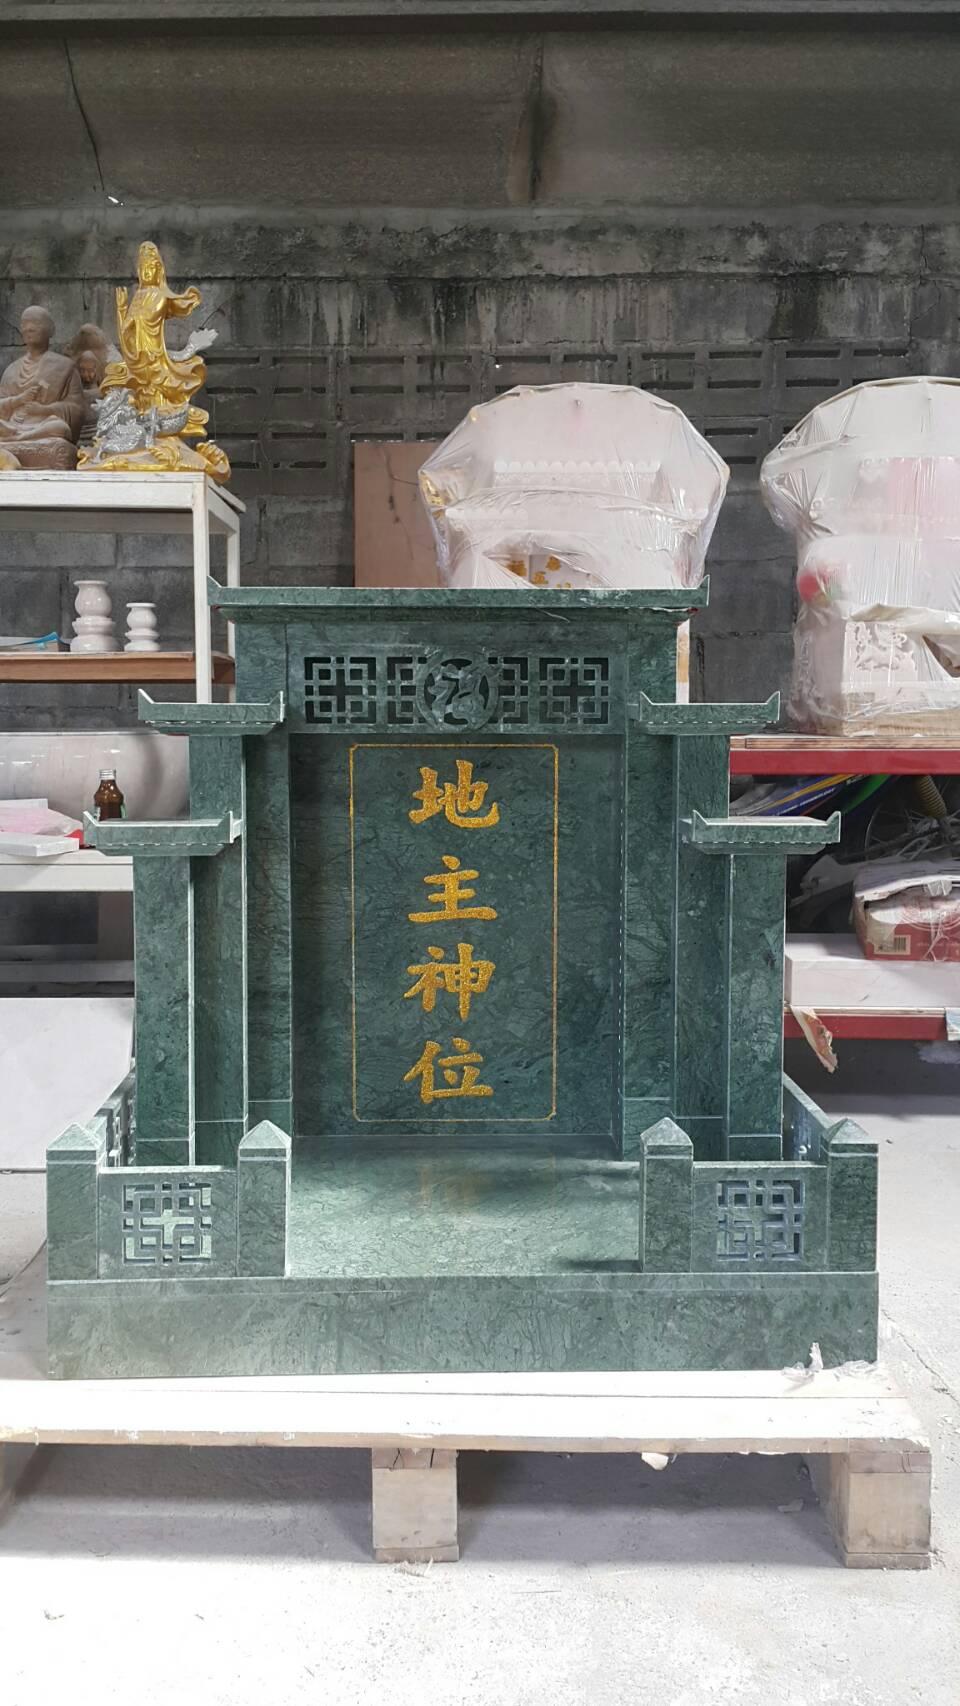 ศาลเจ้าที่จีน 32 นิ้ว 5 หลังคา (หินเขียวอิตาลี)